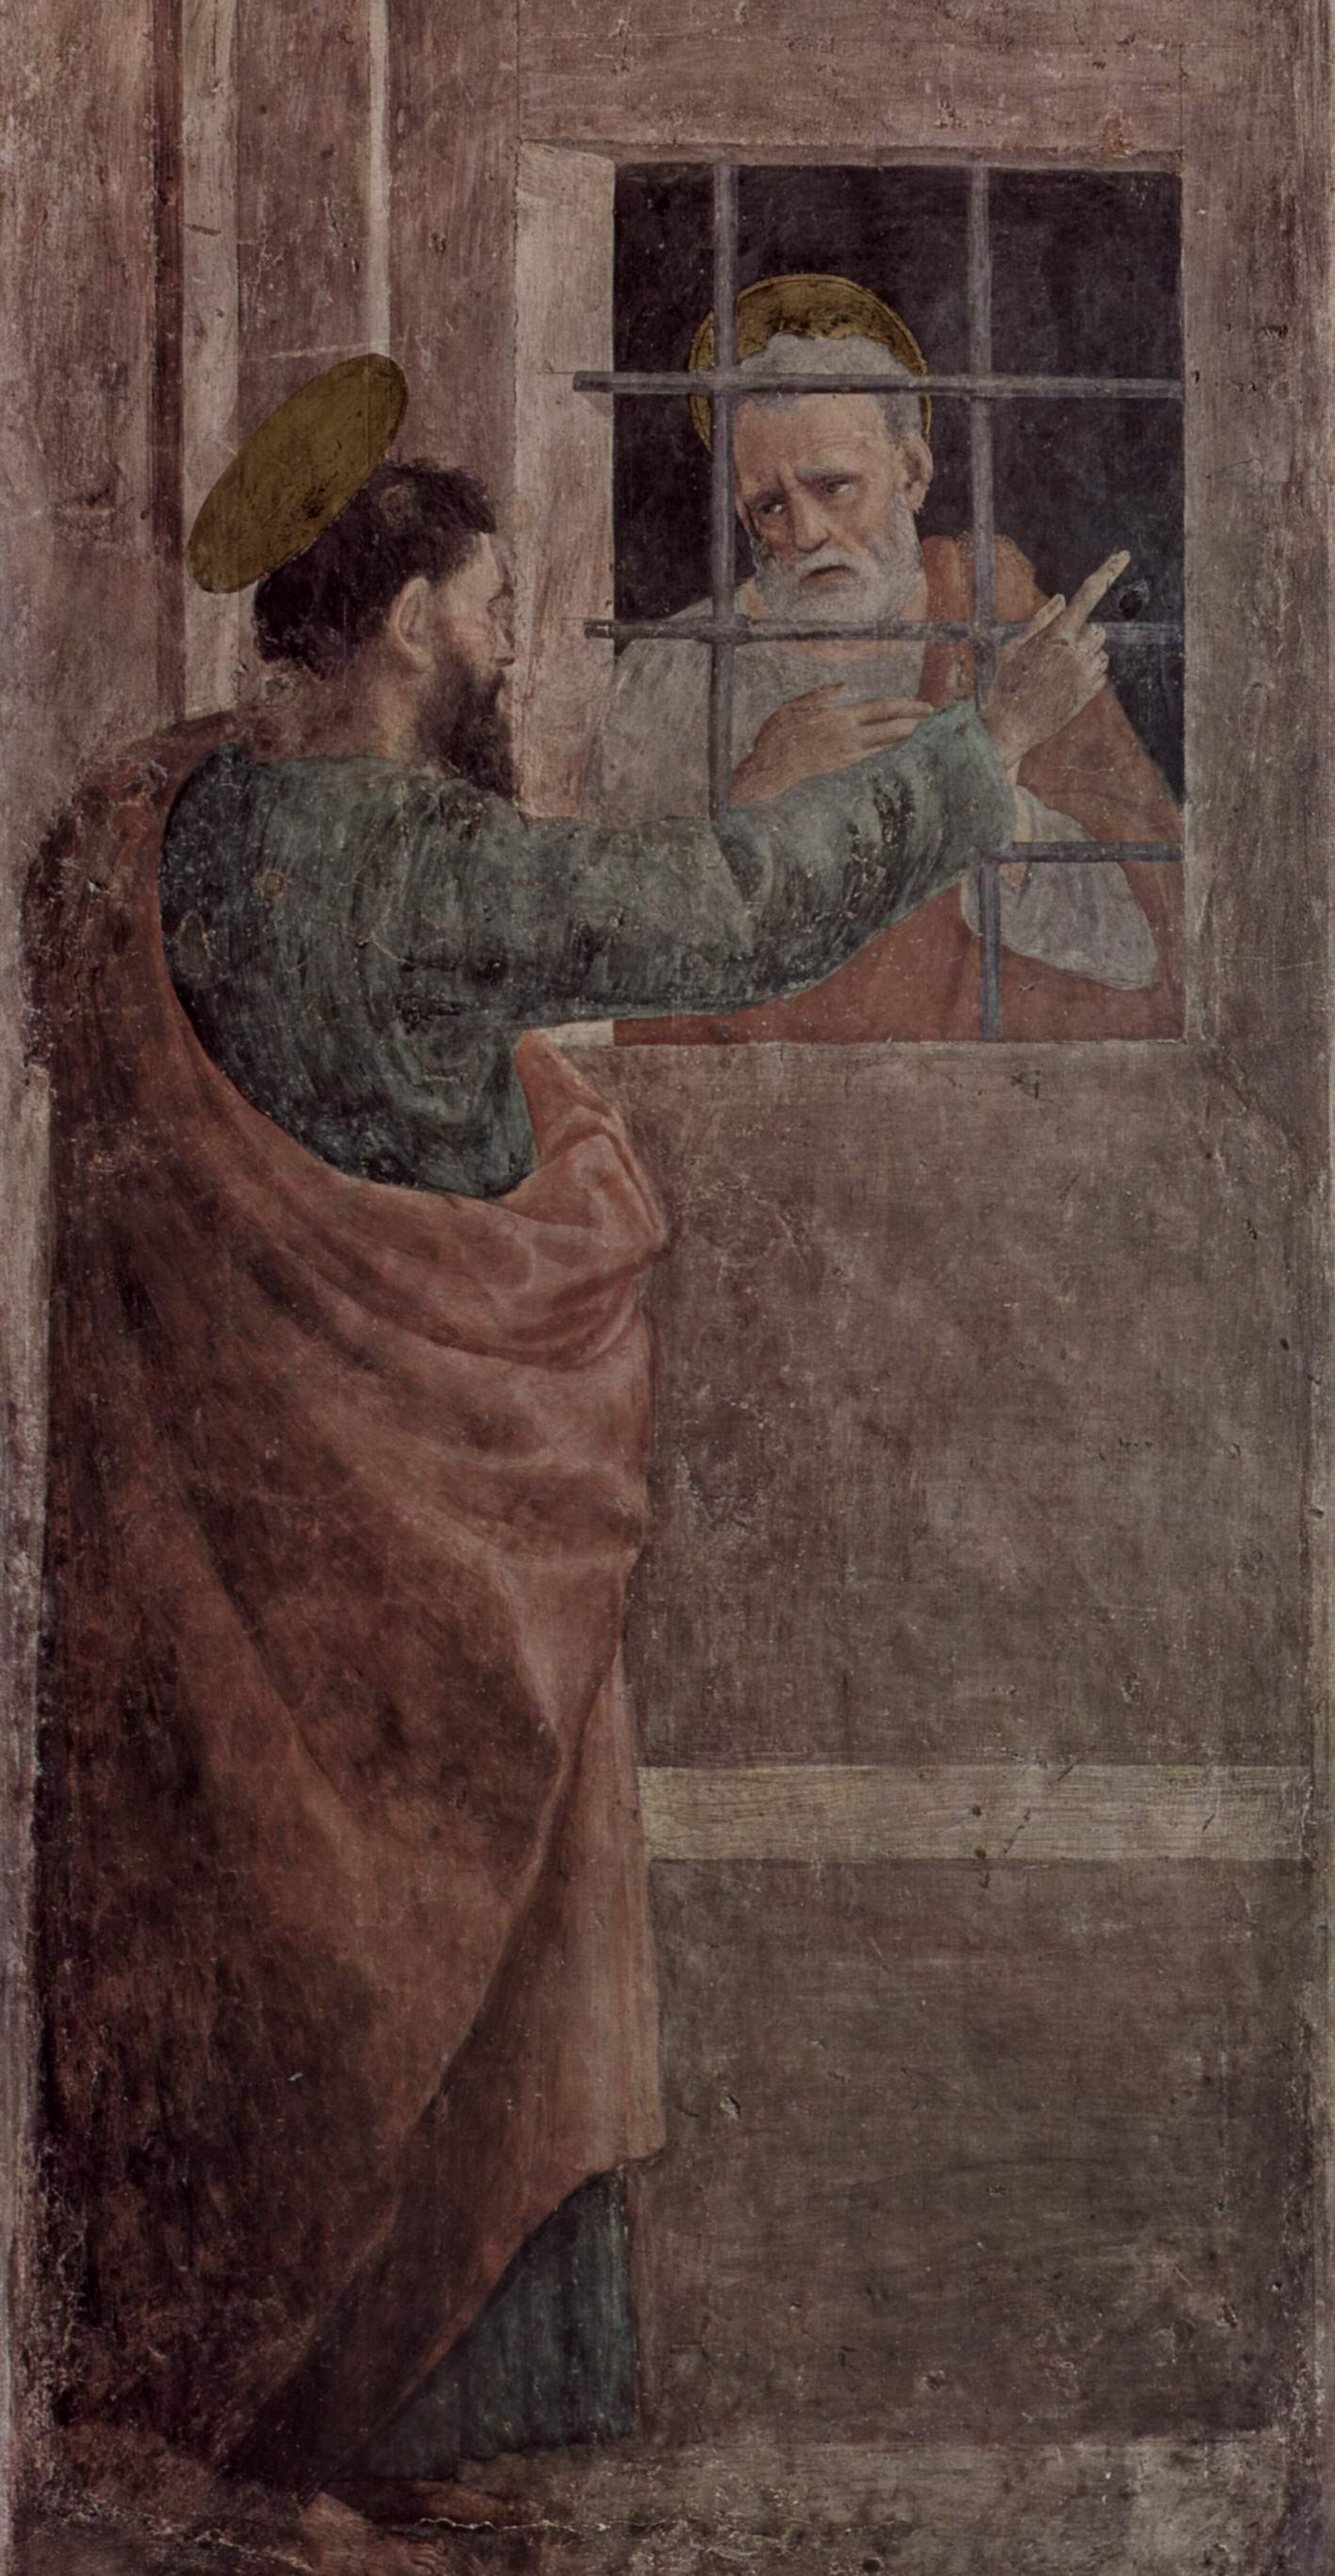 Цикл фресок в капелле Бранкаччи в Санта Мария дель Кармине (Флоренция). Павел навещает Петра в темнице, Липпи Филиппино